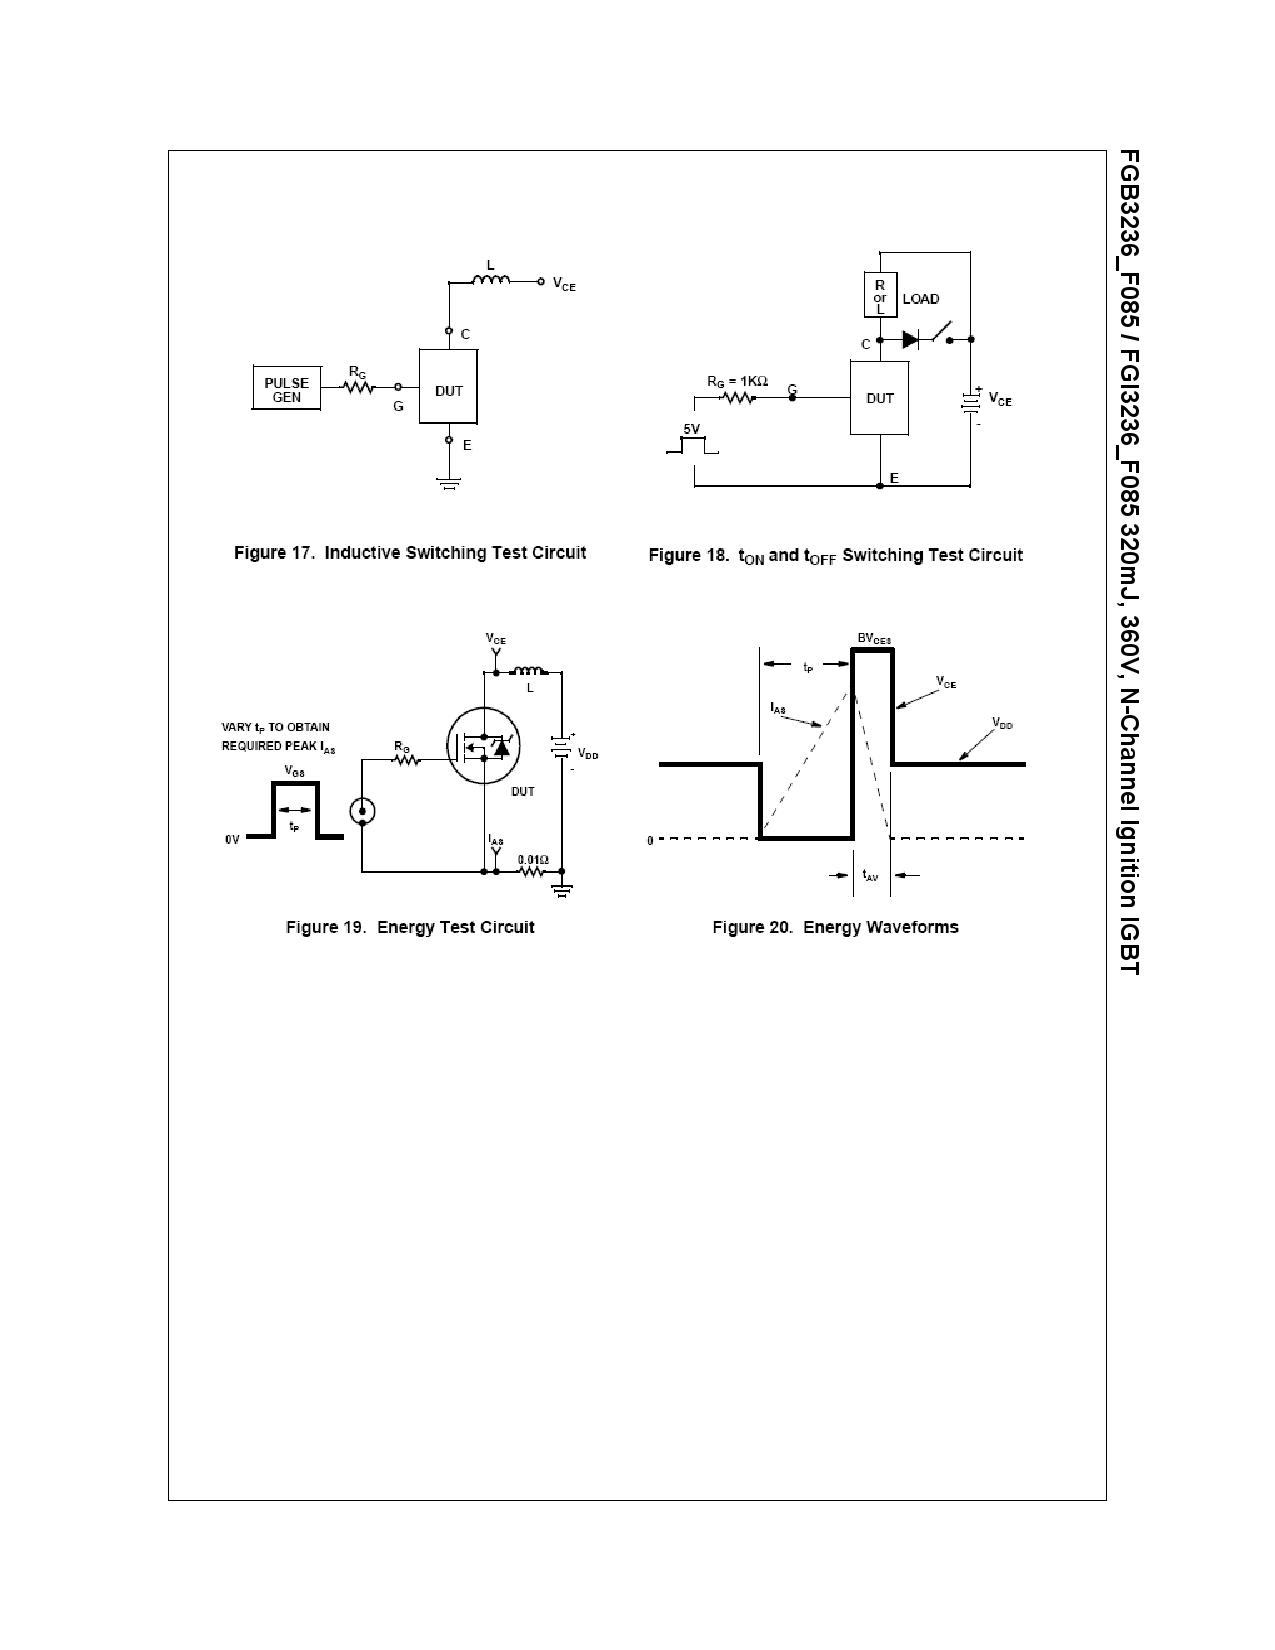 FGI3236_F085 전자부품, 판매, 대치품